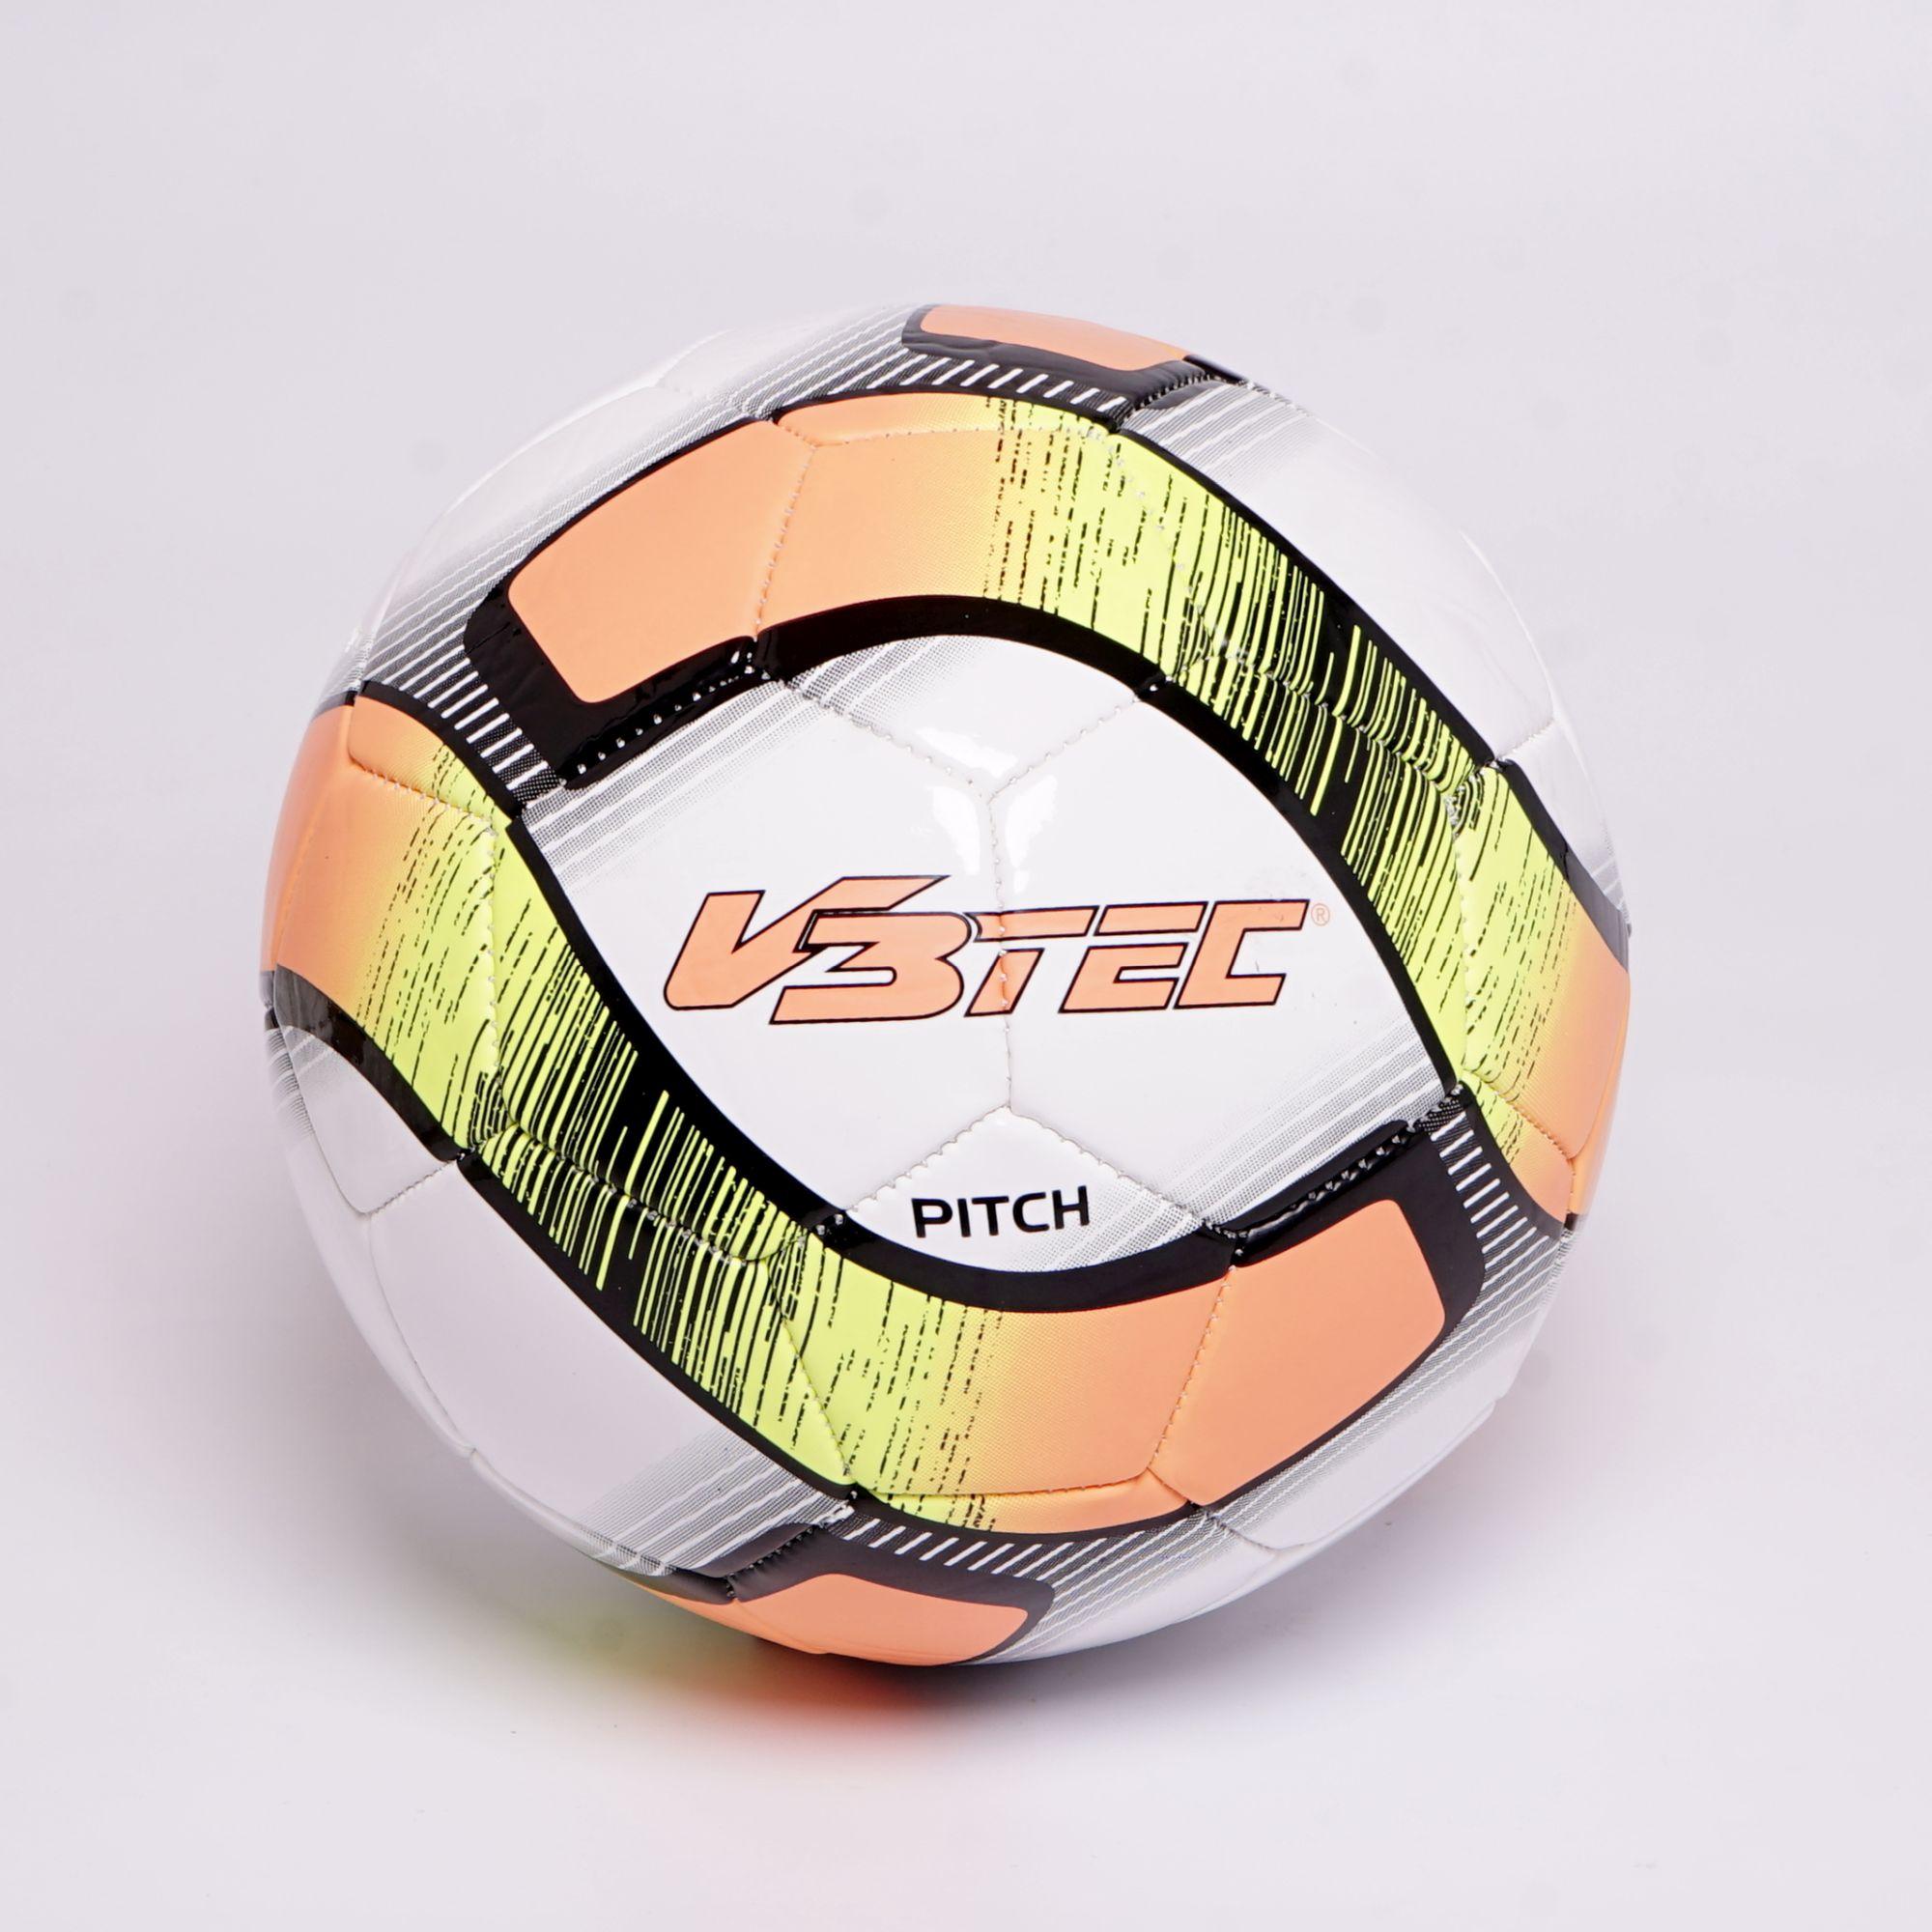 V3tec Pitch - Fußball Trainingsball - Größe 5 / je Ball 4,99€ zzgl. 4,99€ Versand einmalig